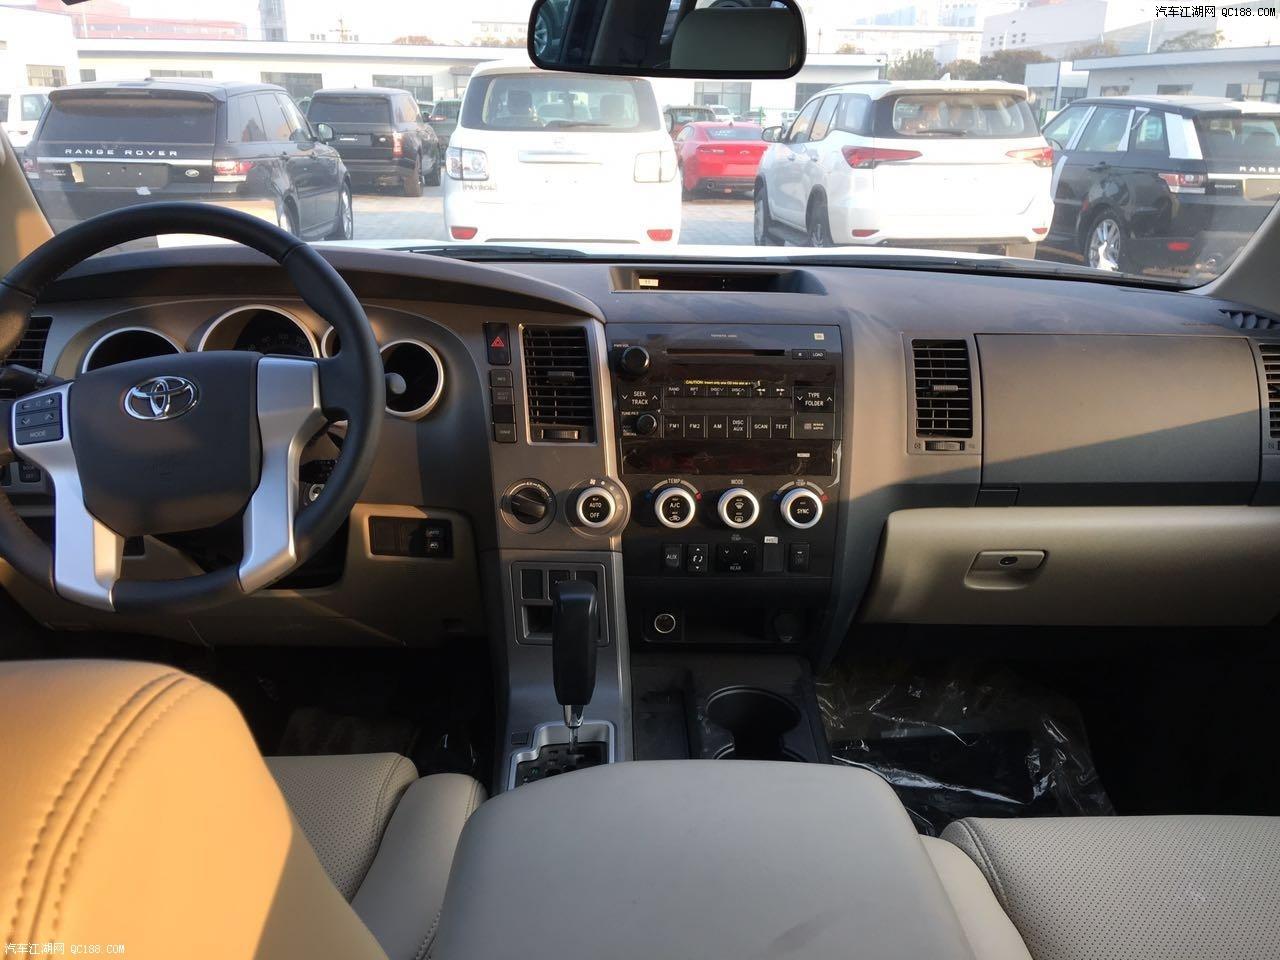 16款丰田红杉大排量低油耗路虎地霸主高清图片